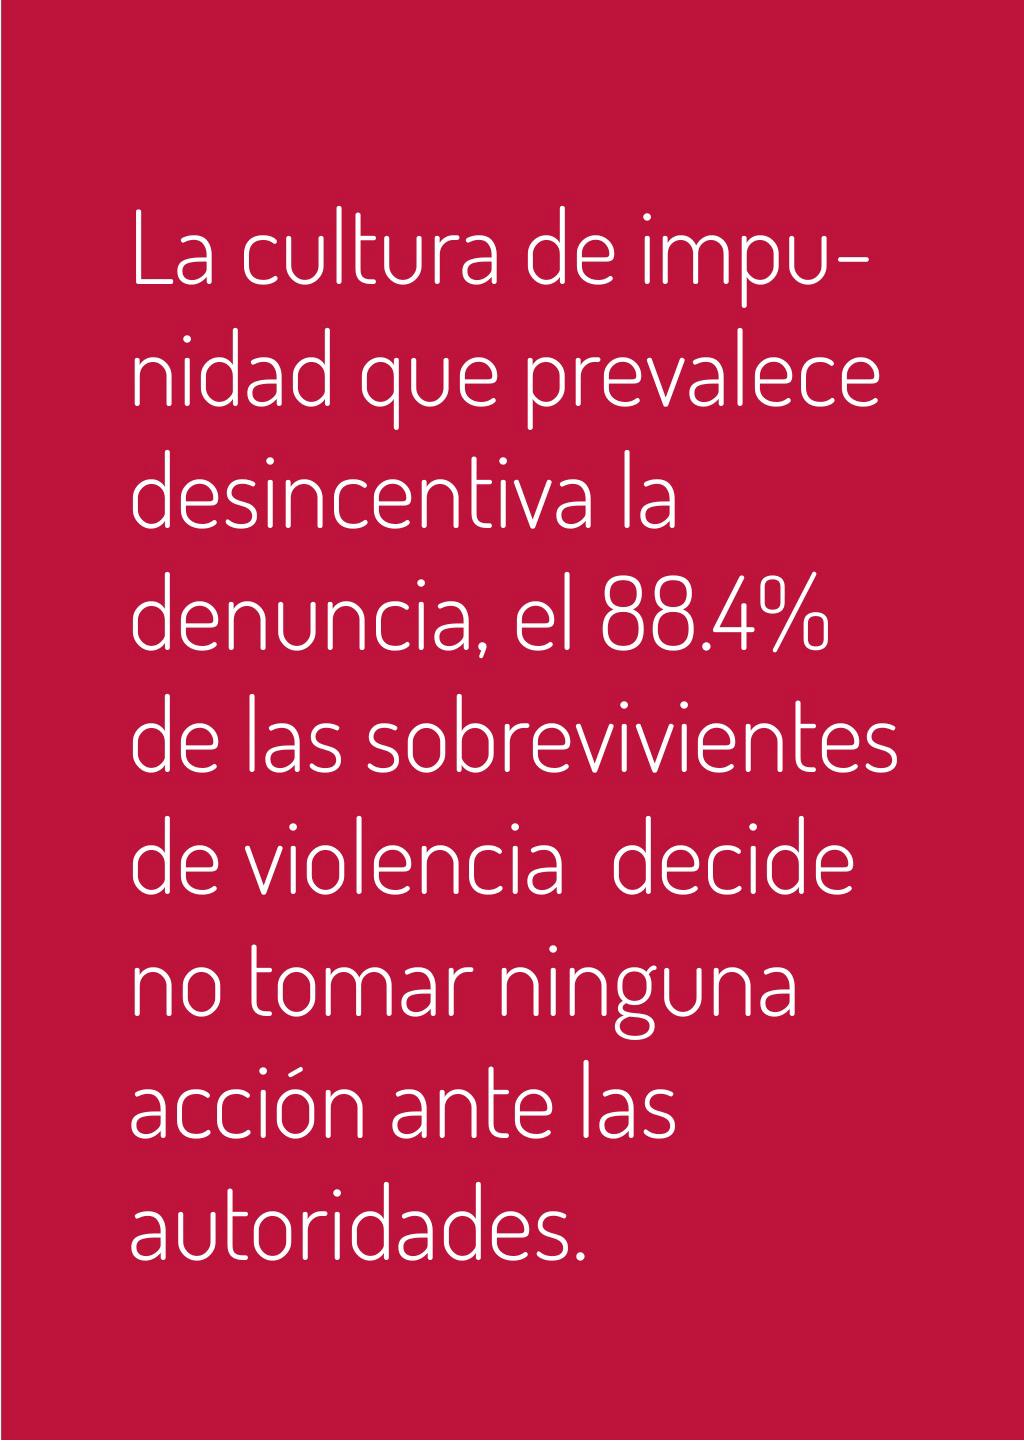 reporte mujeres violencia en línea